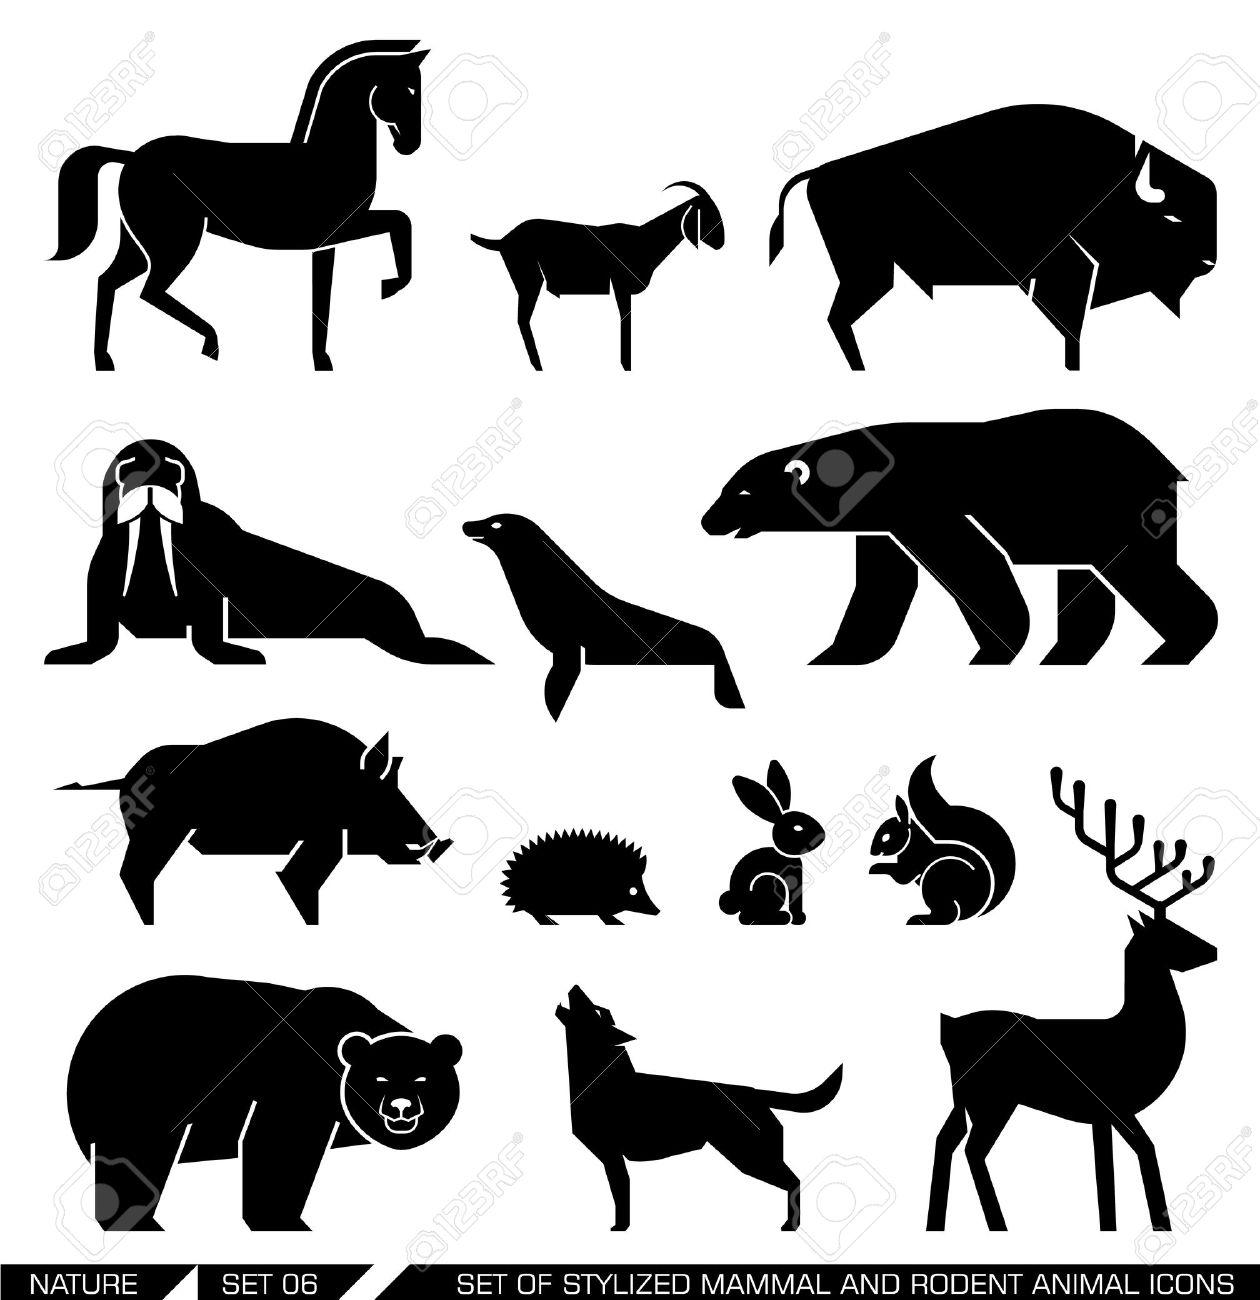 哺乳類の齧歯動物セット: 馬、ヤギ、バイソン、シール、セイウチ